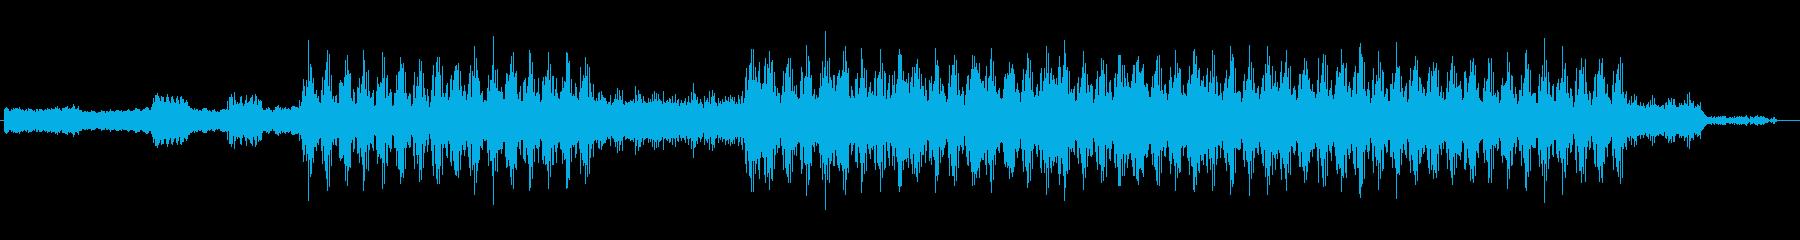 近未来のような電子音サウンドの再生済みの波形